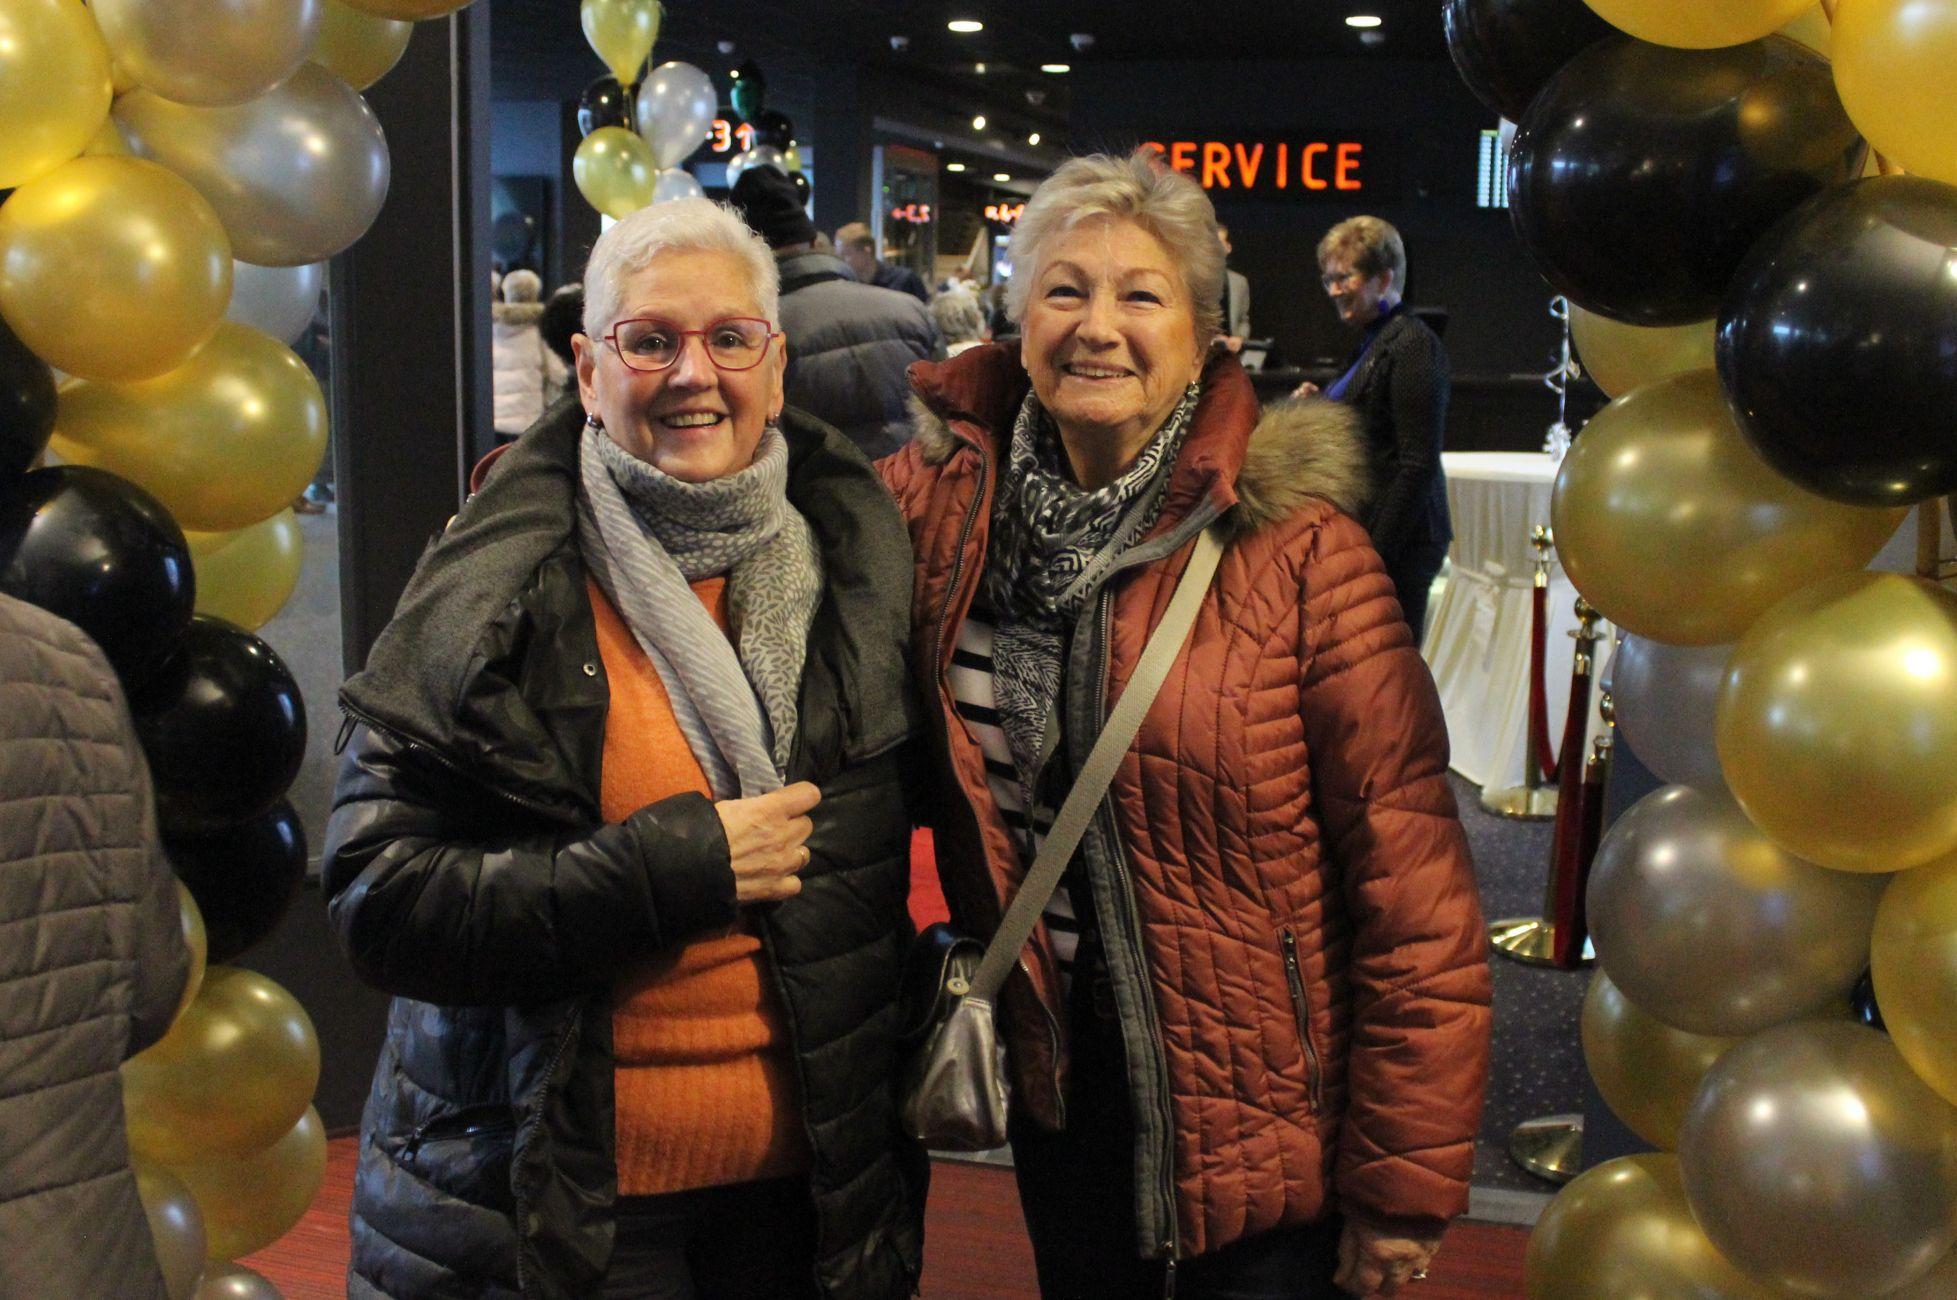 Vrijwilligers onthaald in Vue bioscoop